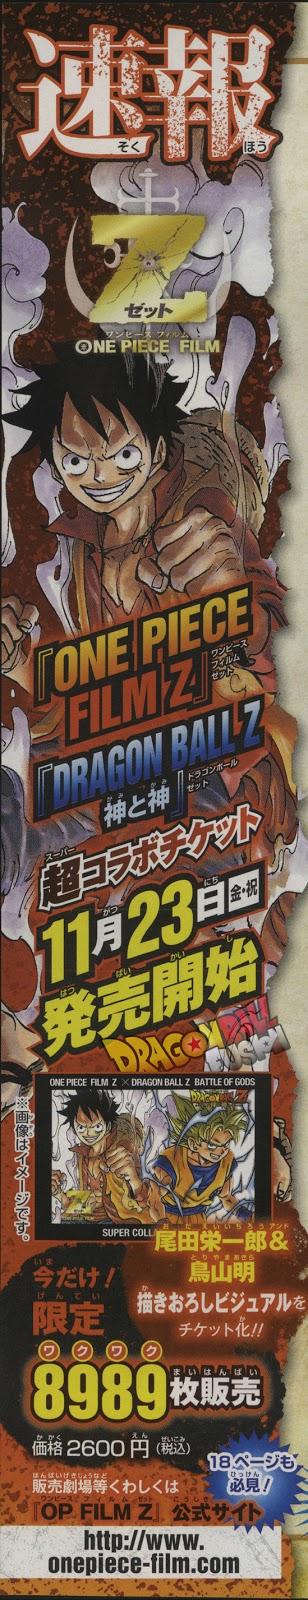 One Piece Z X Dragon Ball Z Battle of Gods Pic